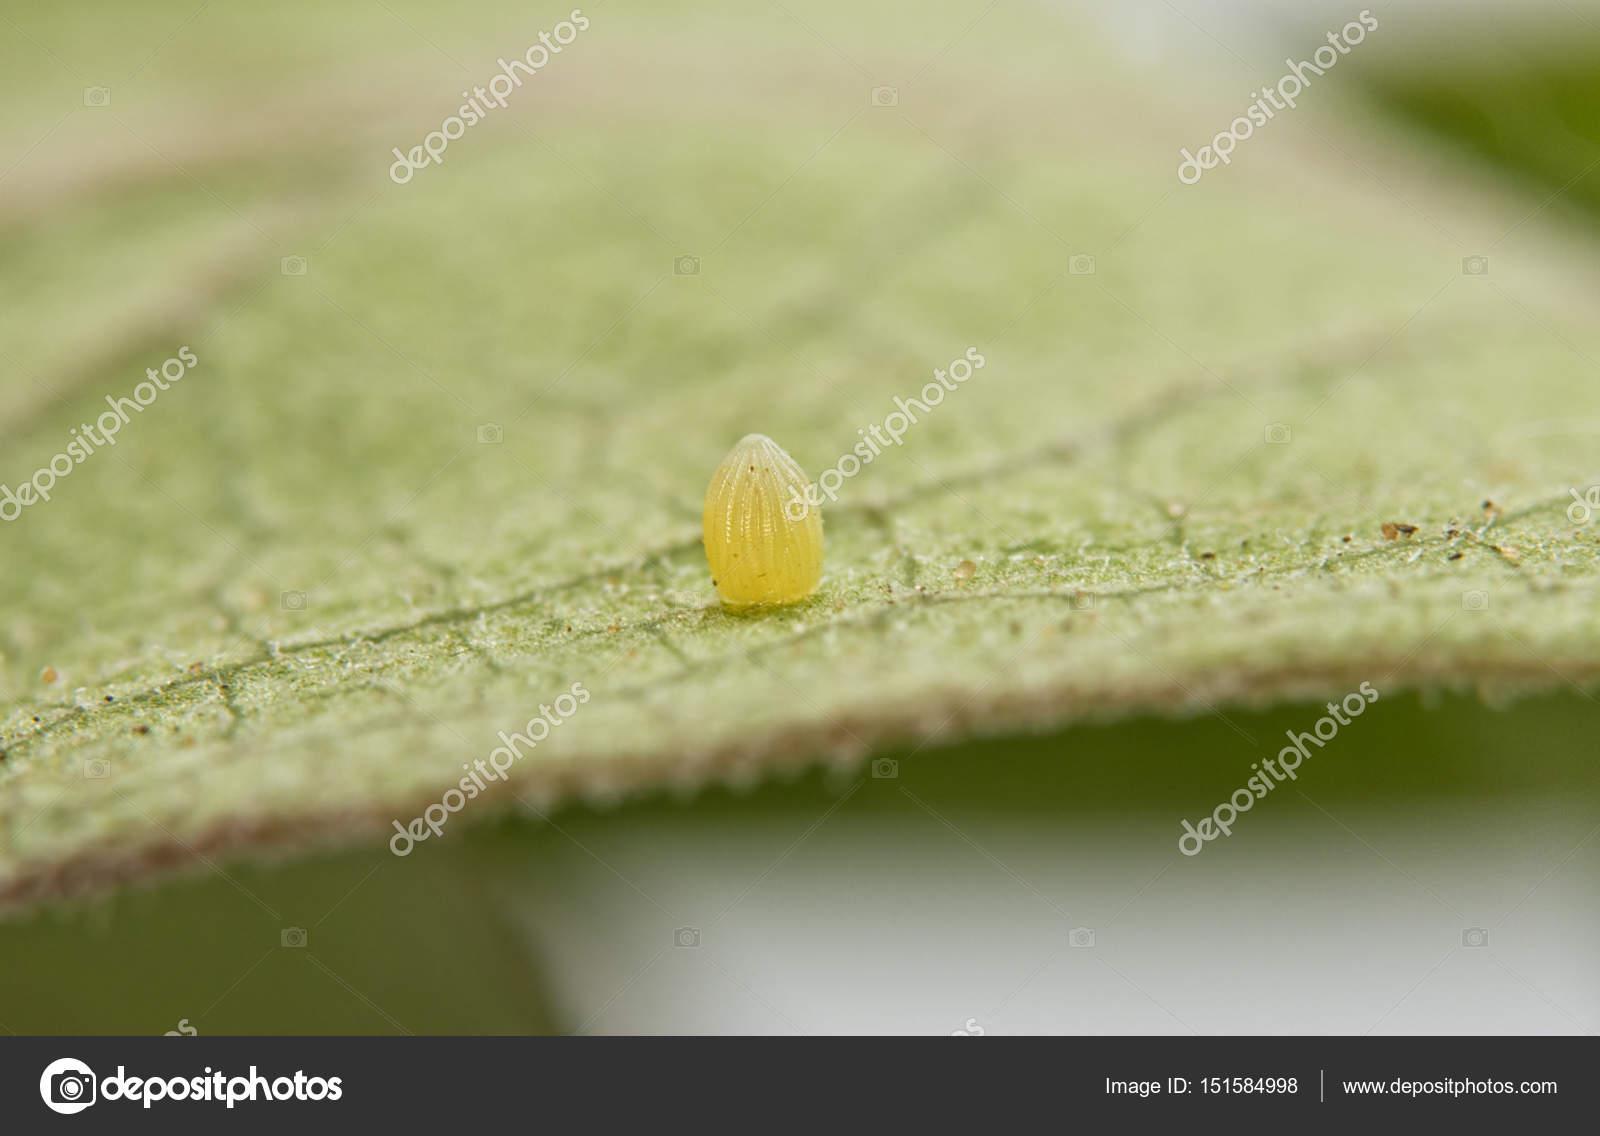 Huevo De Mariposa En Ingles Huevo De Mariposa Monarca A Una Hoja